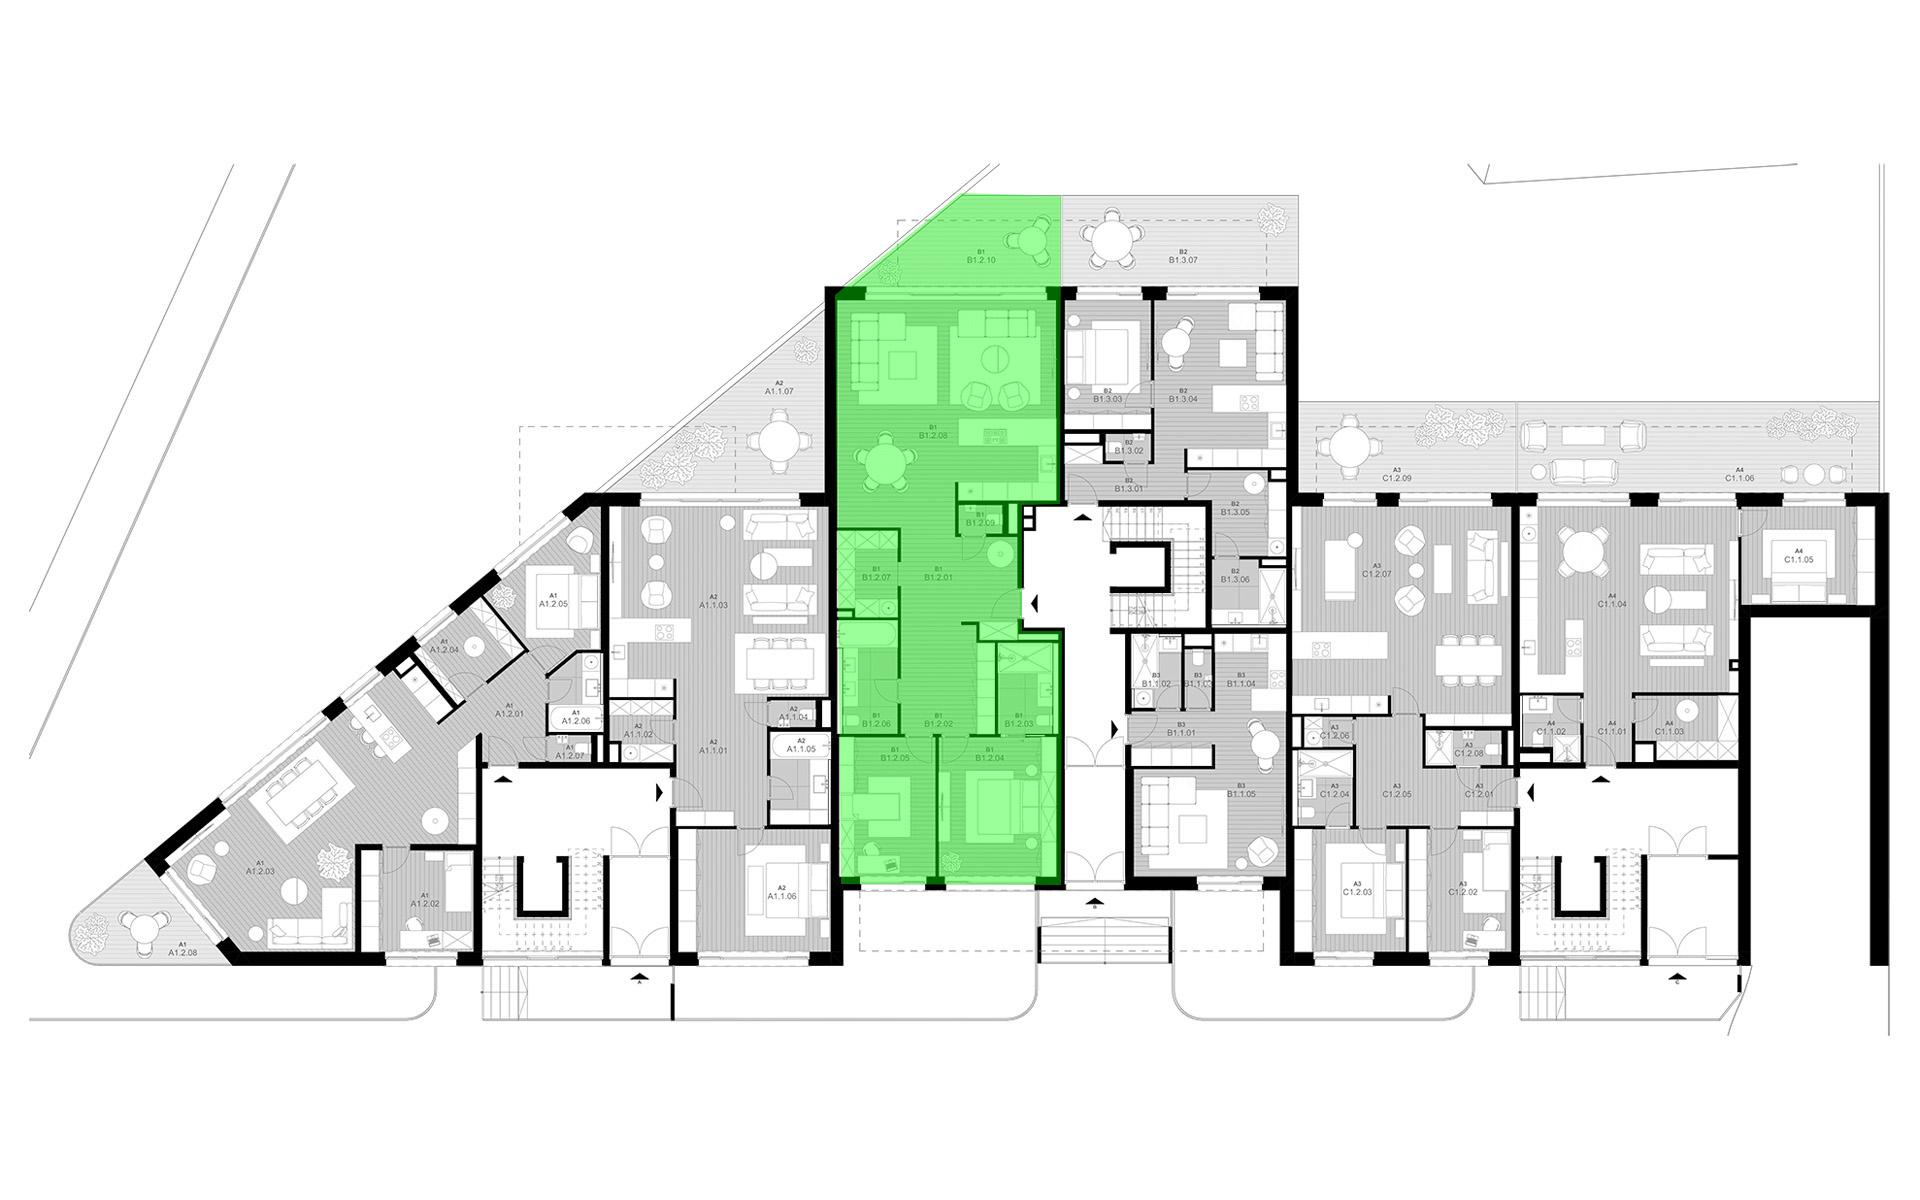 rezidencia K Železnej Studienke - pôdorys so zvýraznením bytu B1.2